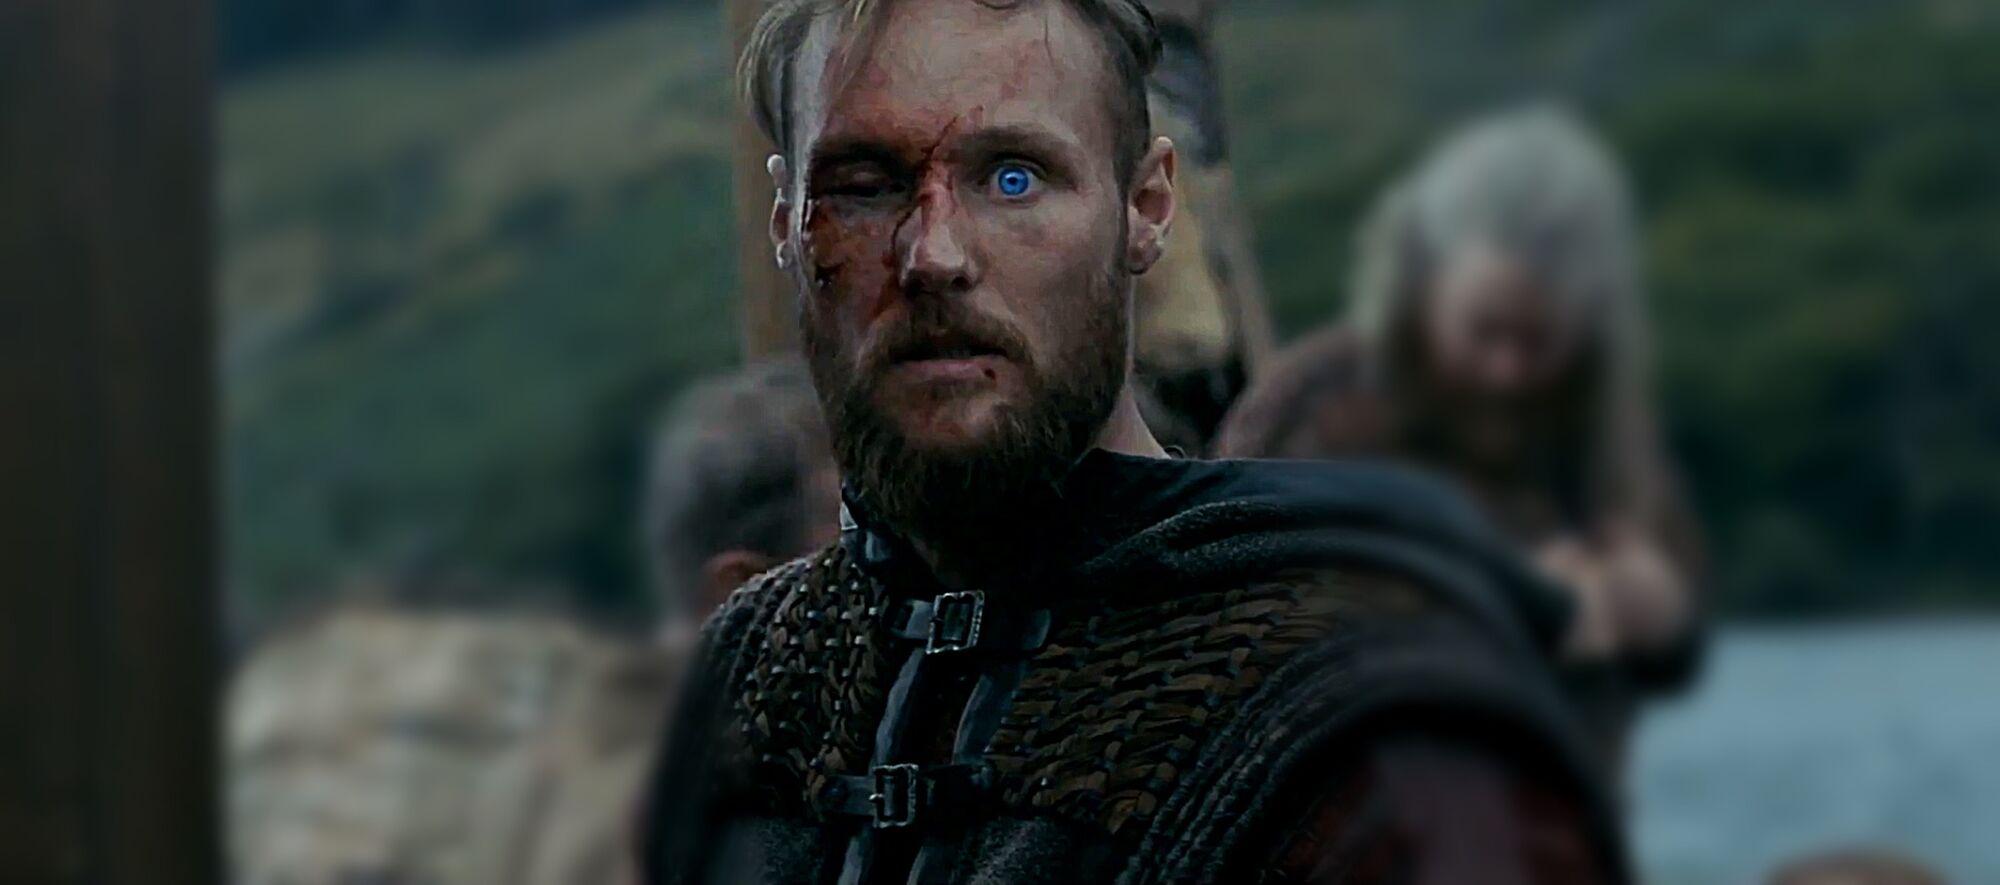 Ubbe Vikings Schauspieler